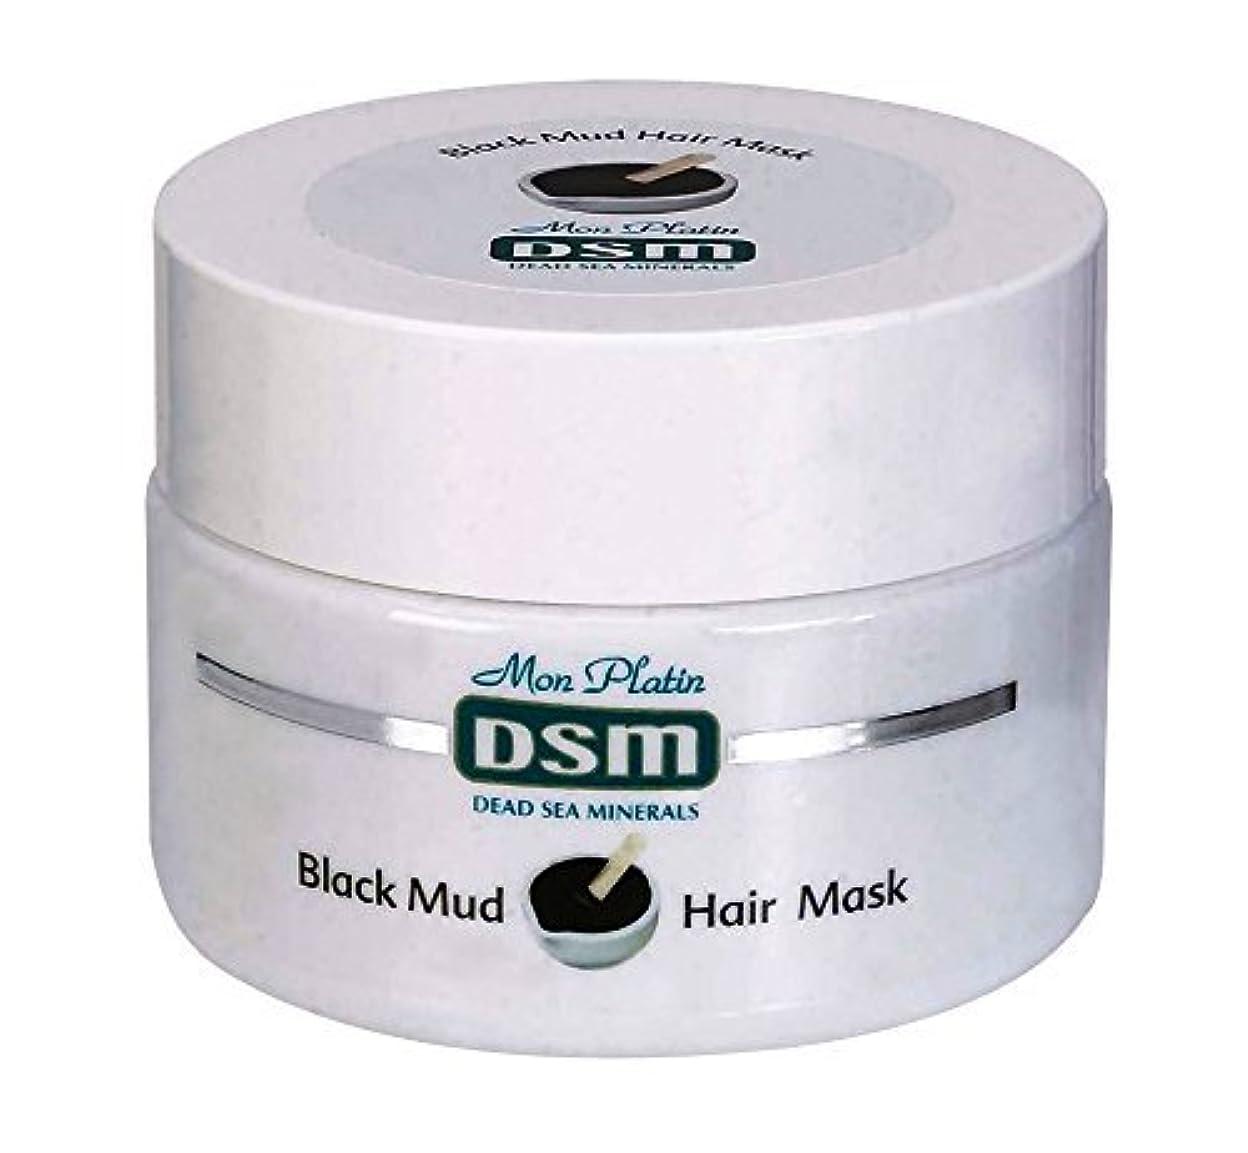 キリマンジャロ安いです監督する頭皮と髪のための髪の泥マスク 250mL 死海ミネラル 天然 お手入れ 美容 イスラエル 全皮膚タイプ ビタミン (Mud Hair Mask  for Scalp & Hair)